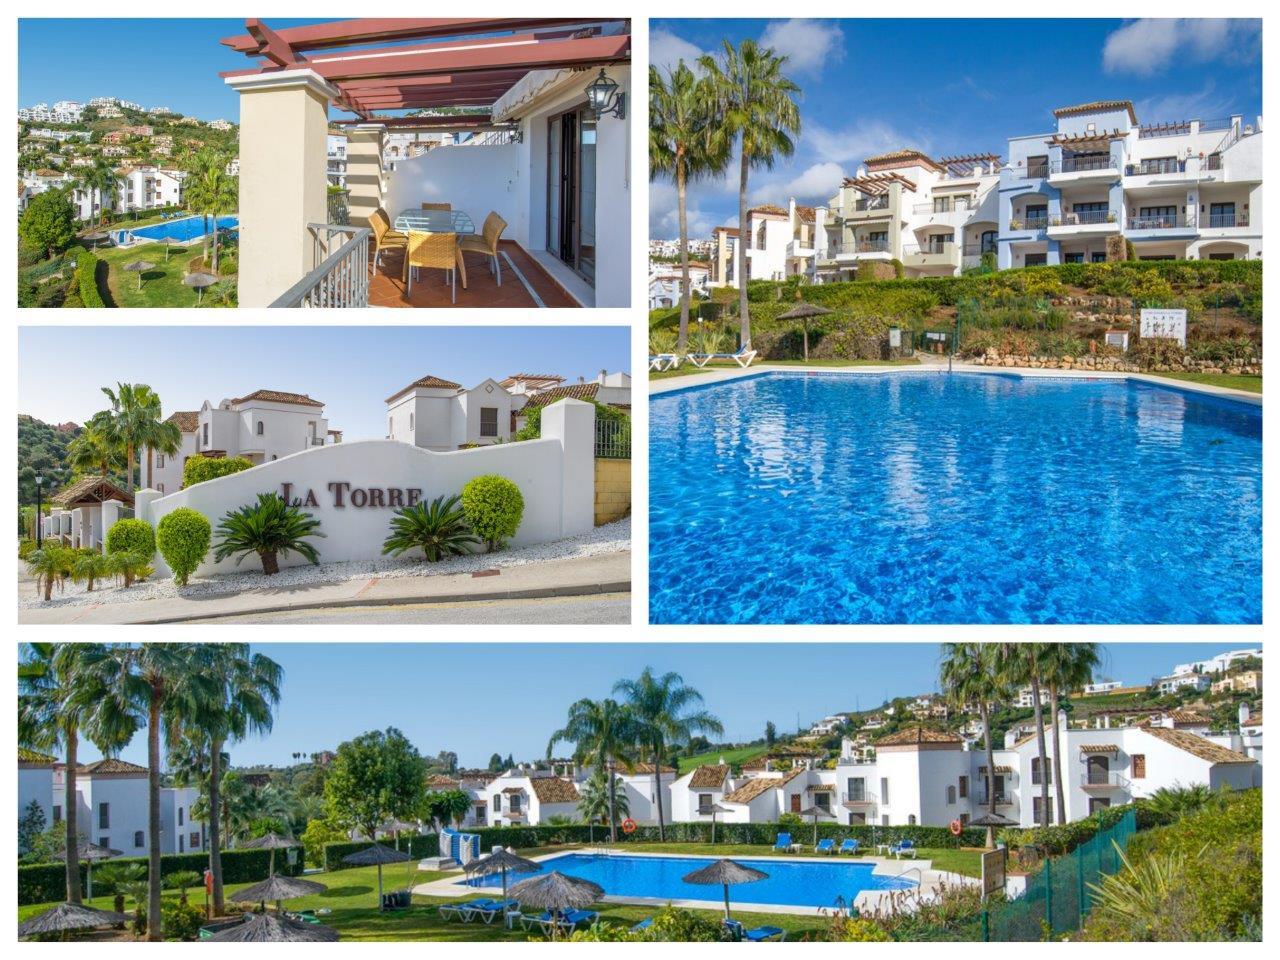 Appartement in Los Arqueros - La Torre - Benahavis te koop